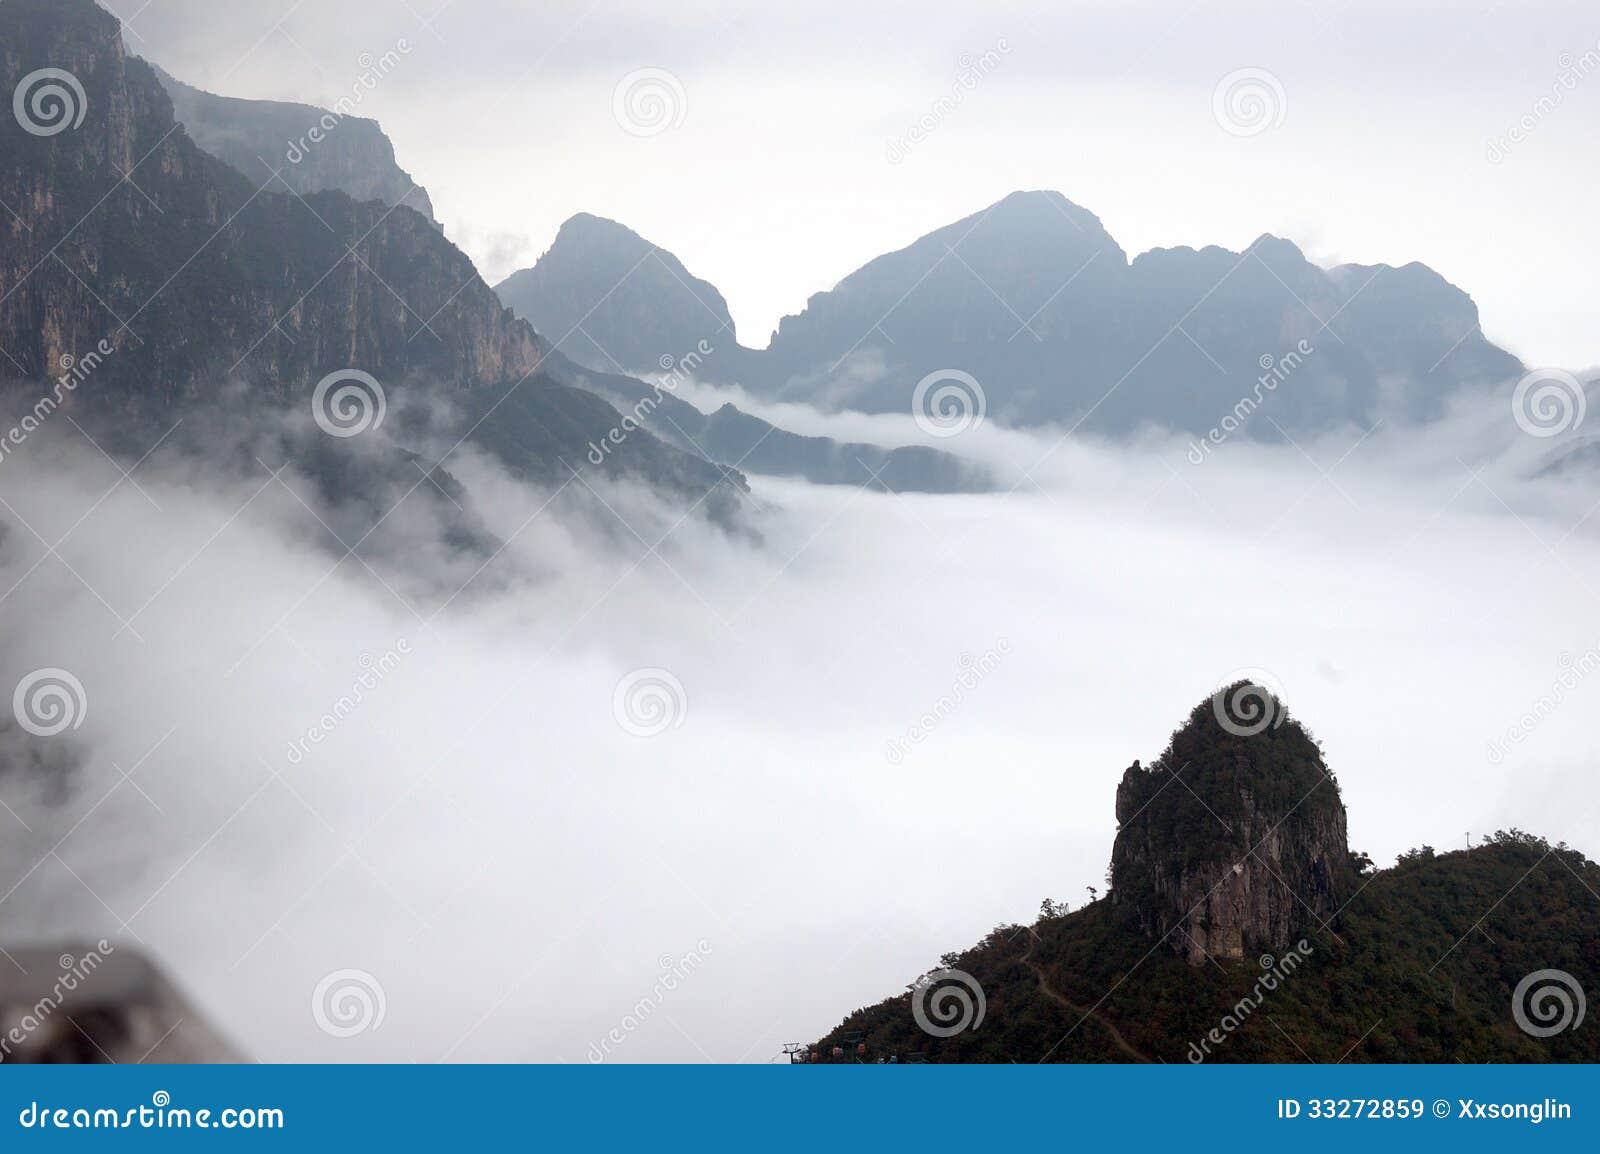 Clouds in Tashan